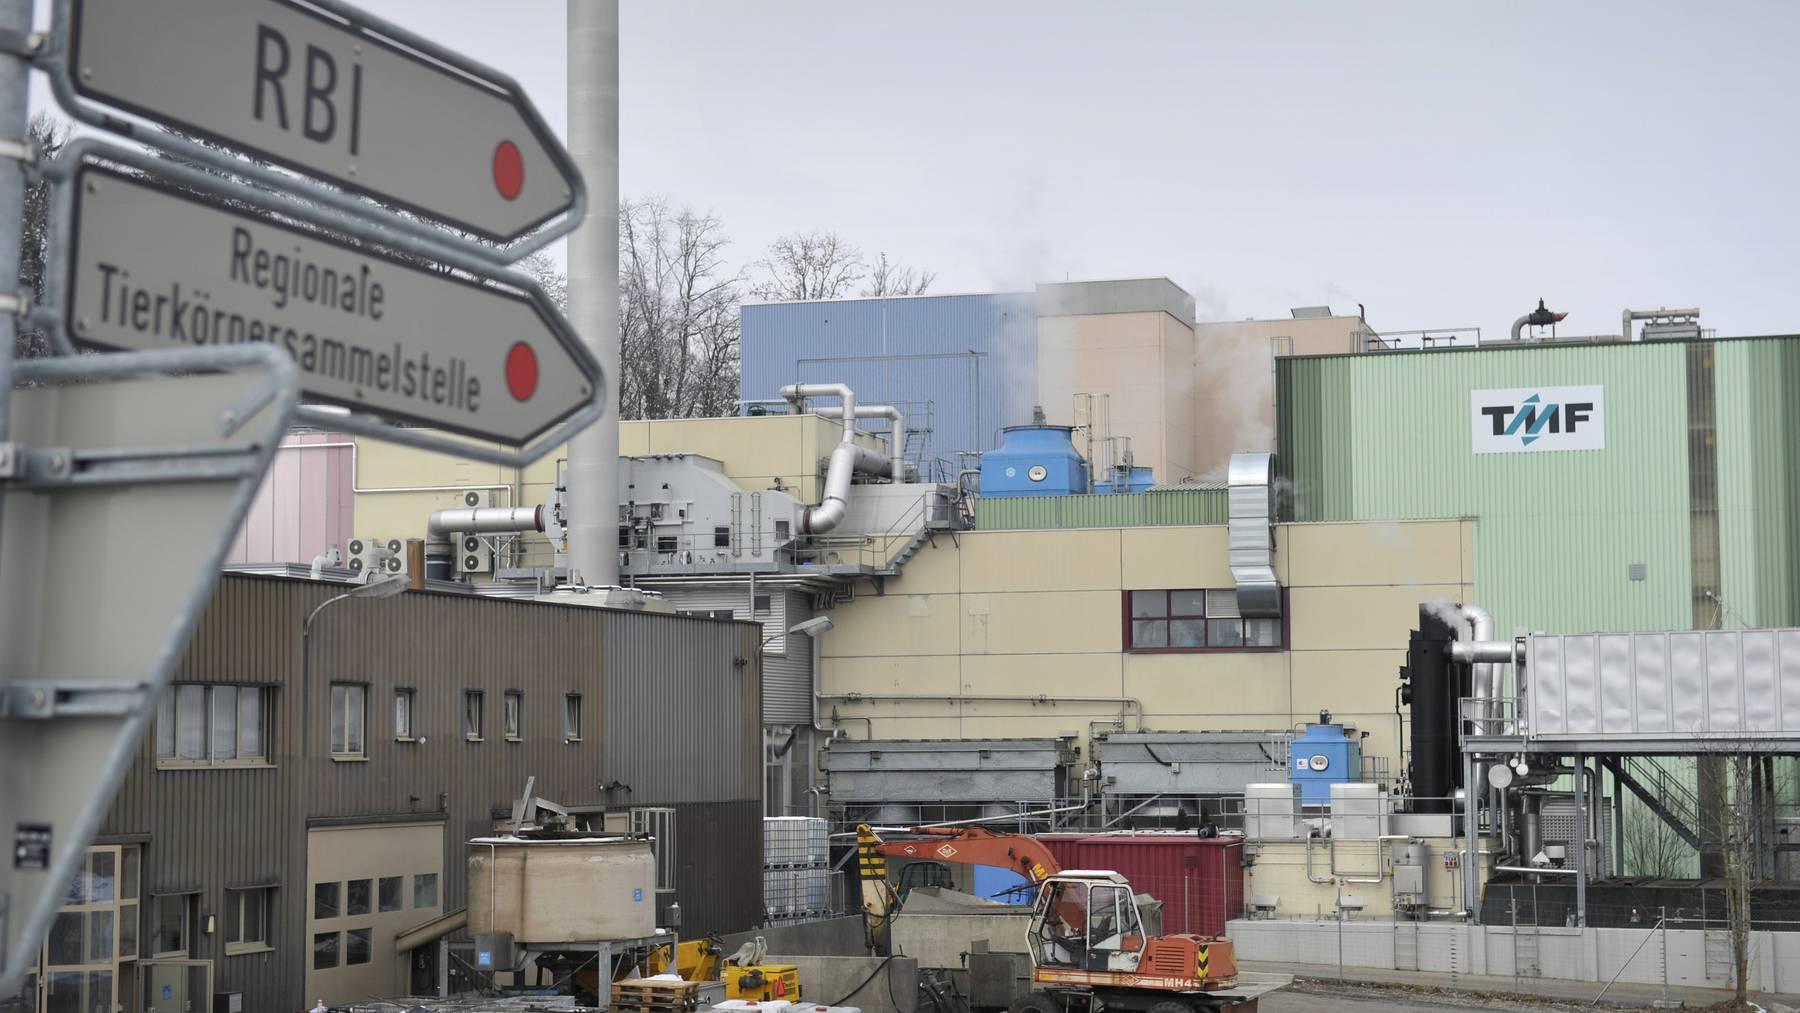 Die Tiermehlfabrik Bazenheid kann als einzige Fabrik in der Umgebung infizierte Tiere fachgerecht entsorgen. (Archiv)